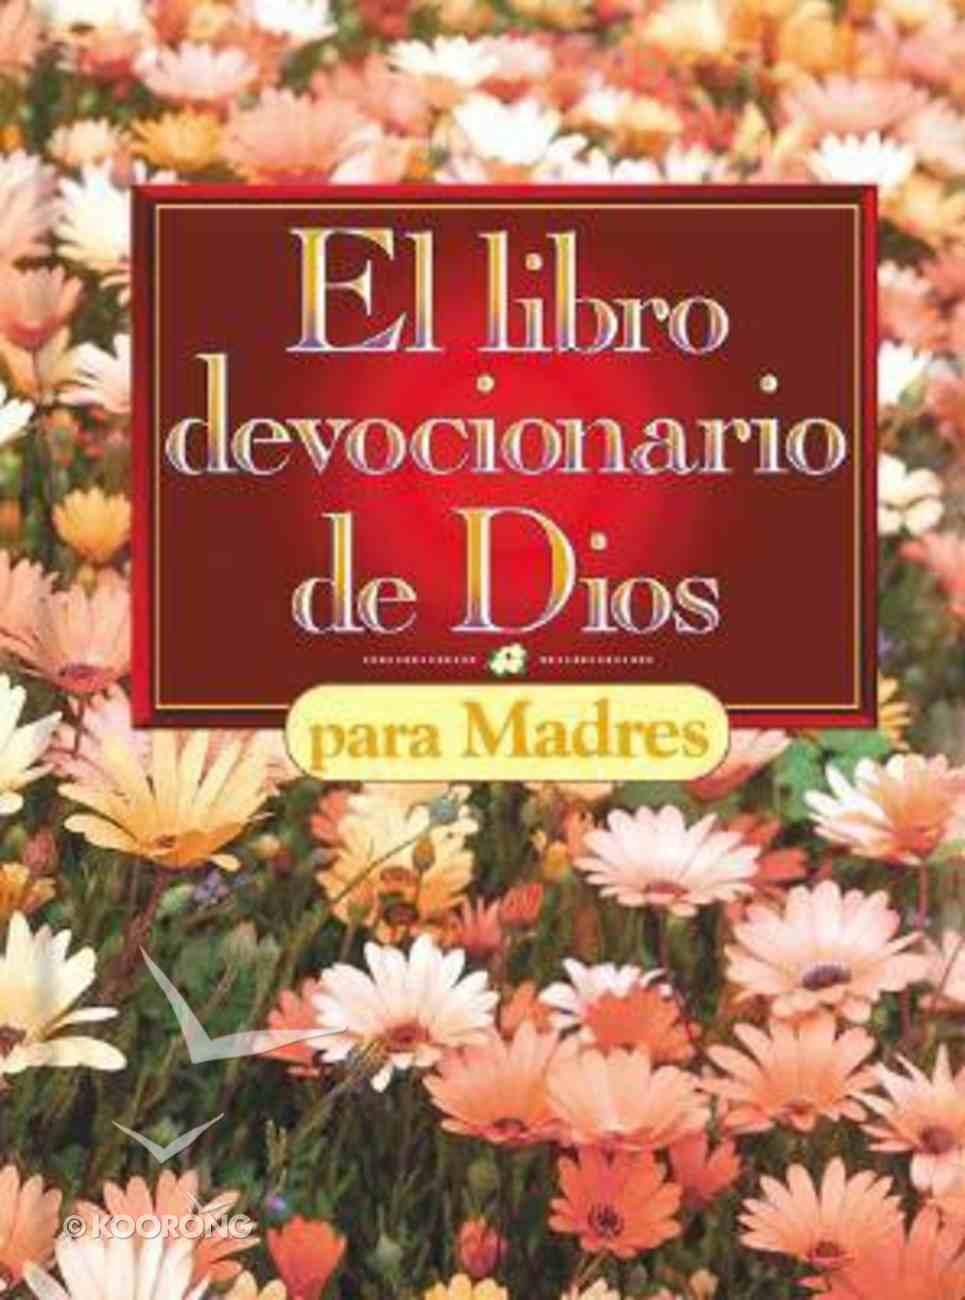 El Libro Devocionario De Dios Para Madres (God's Little Devotional Book For Mothers) Hardback